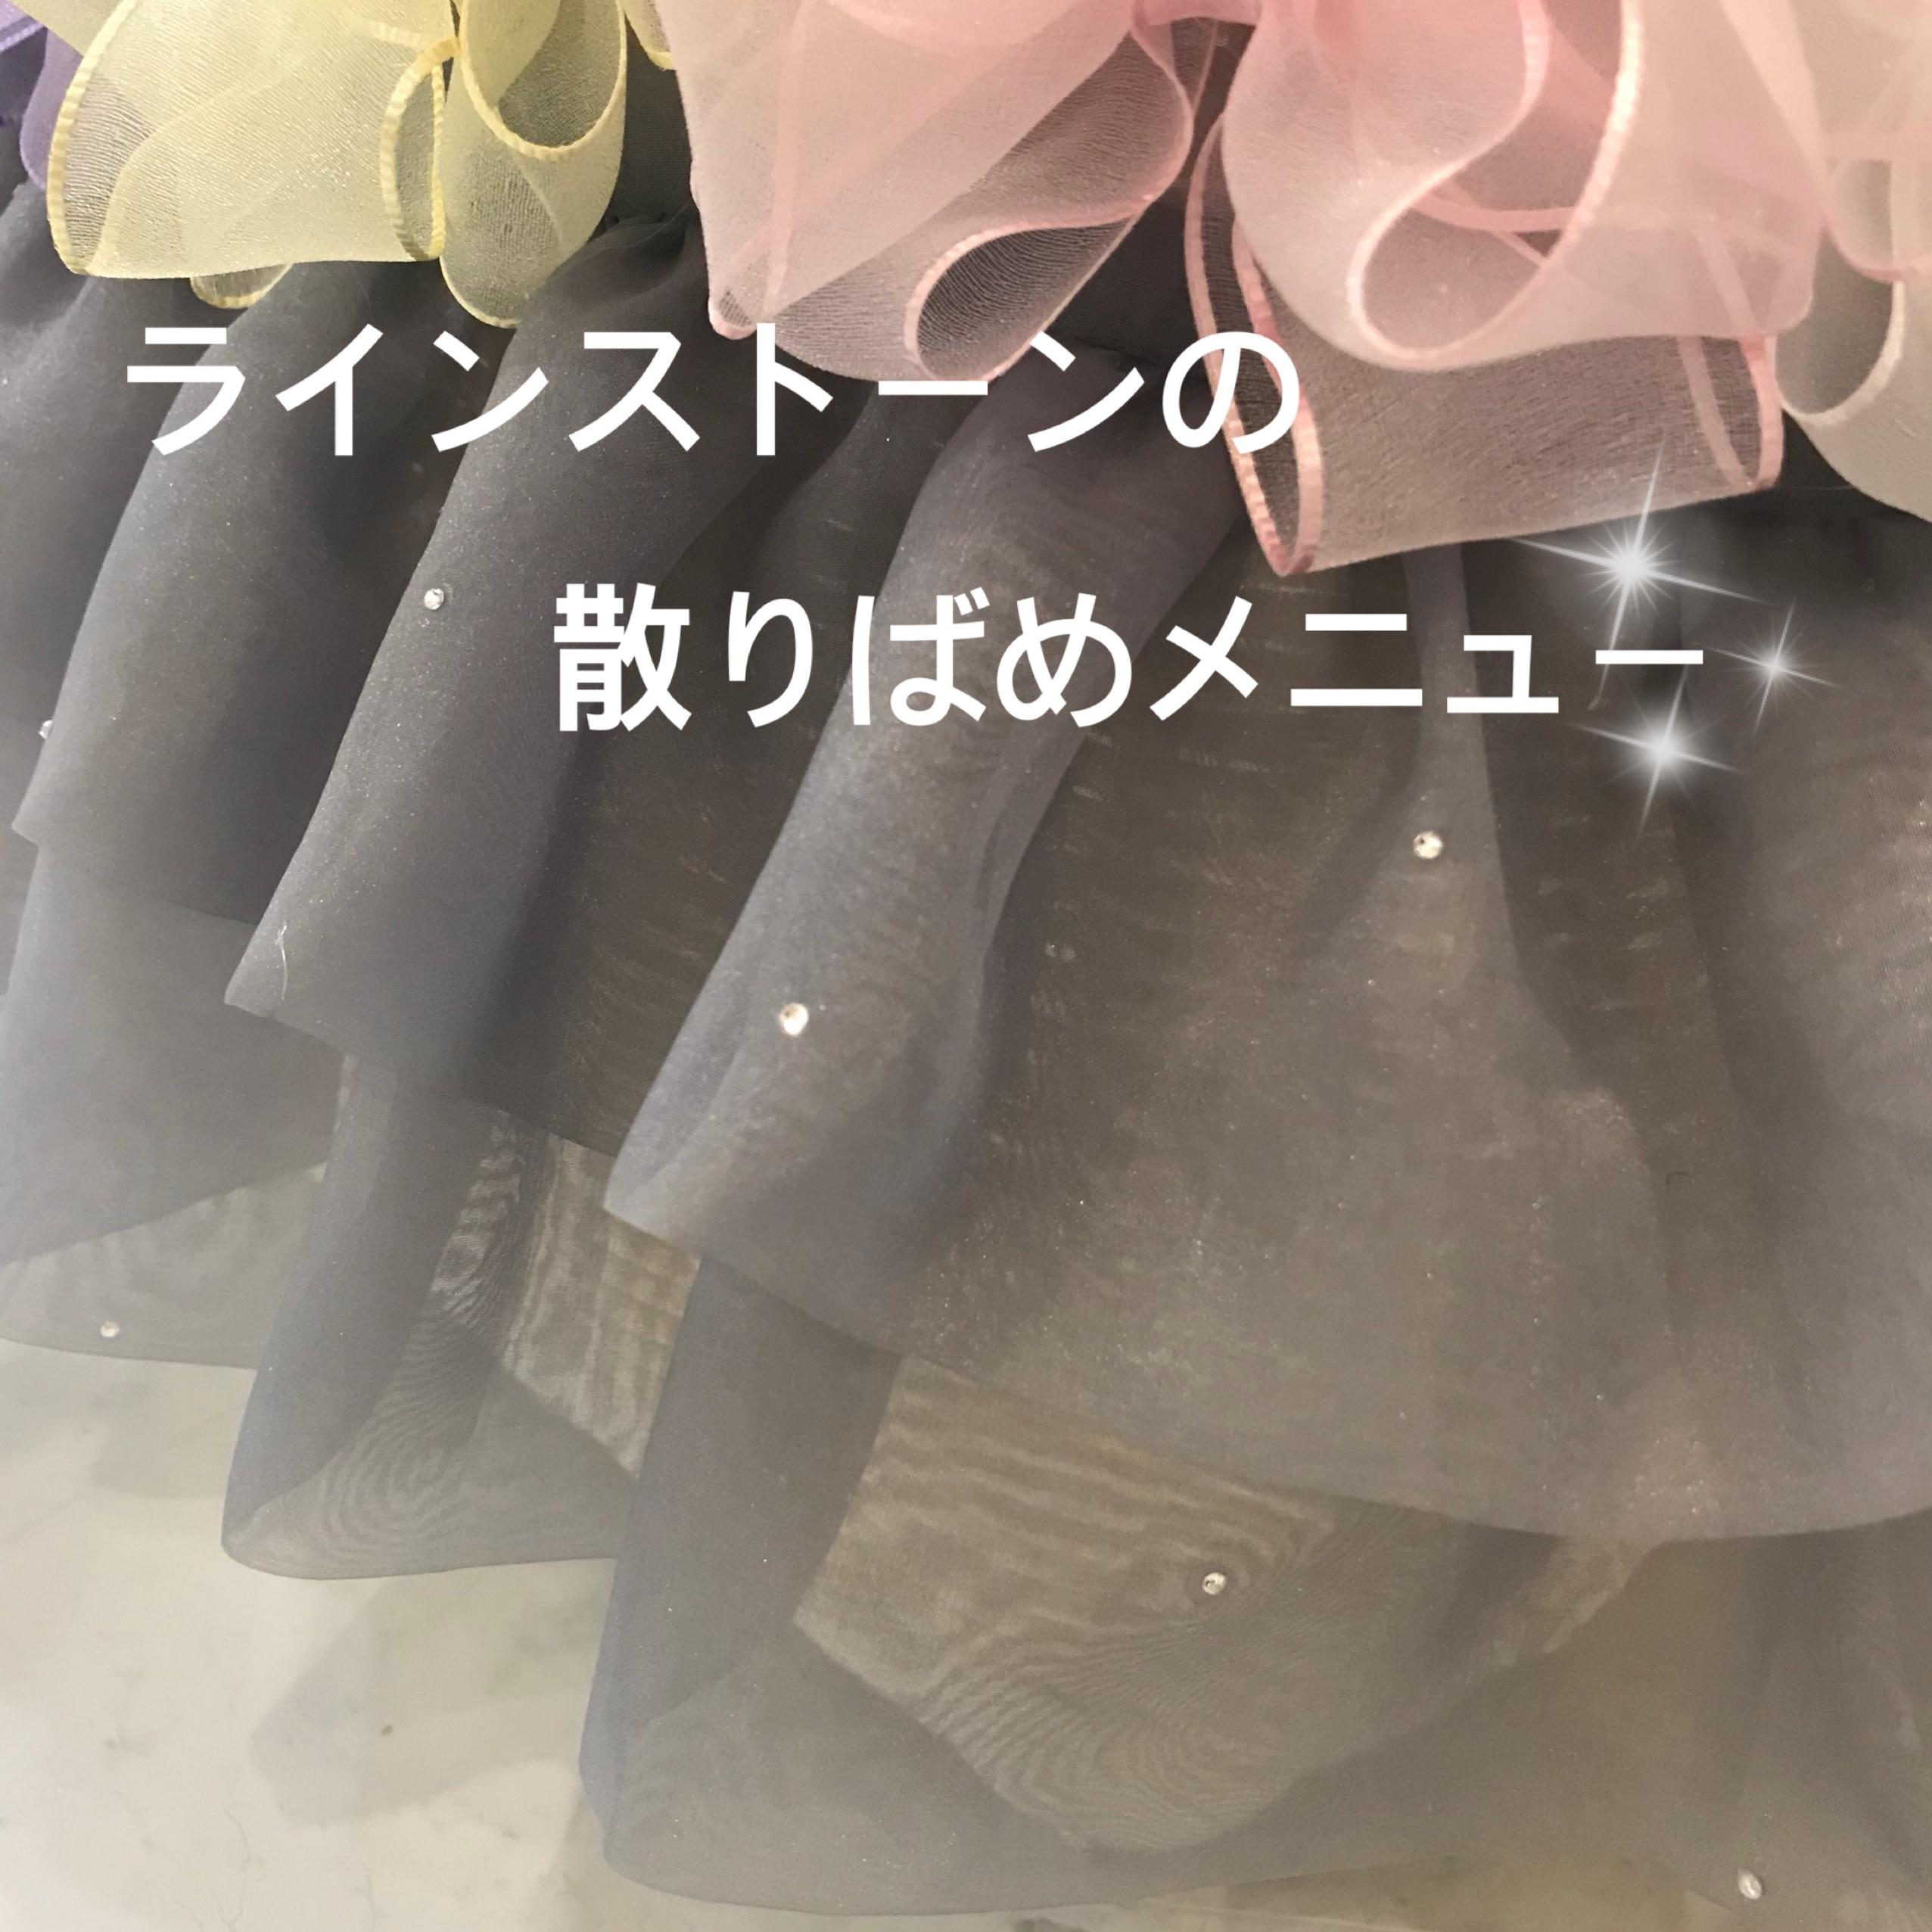 カスタマイズメニュー 〜ラインストーンを散りばめる〜